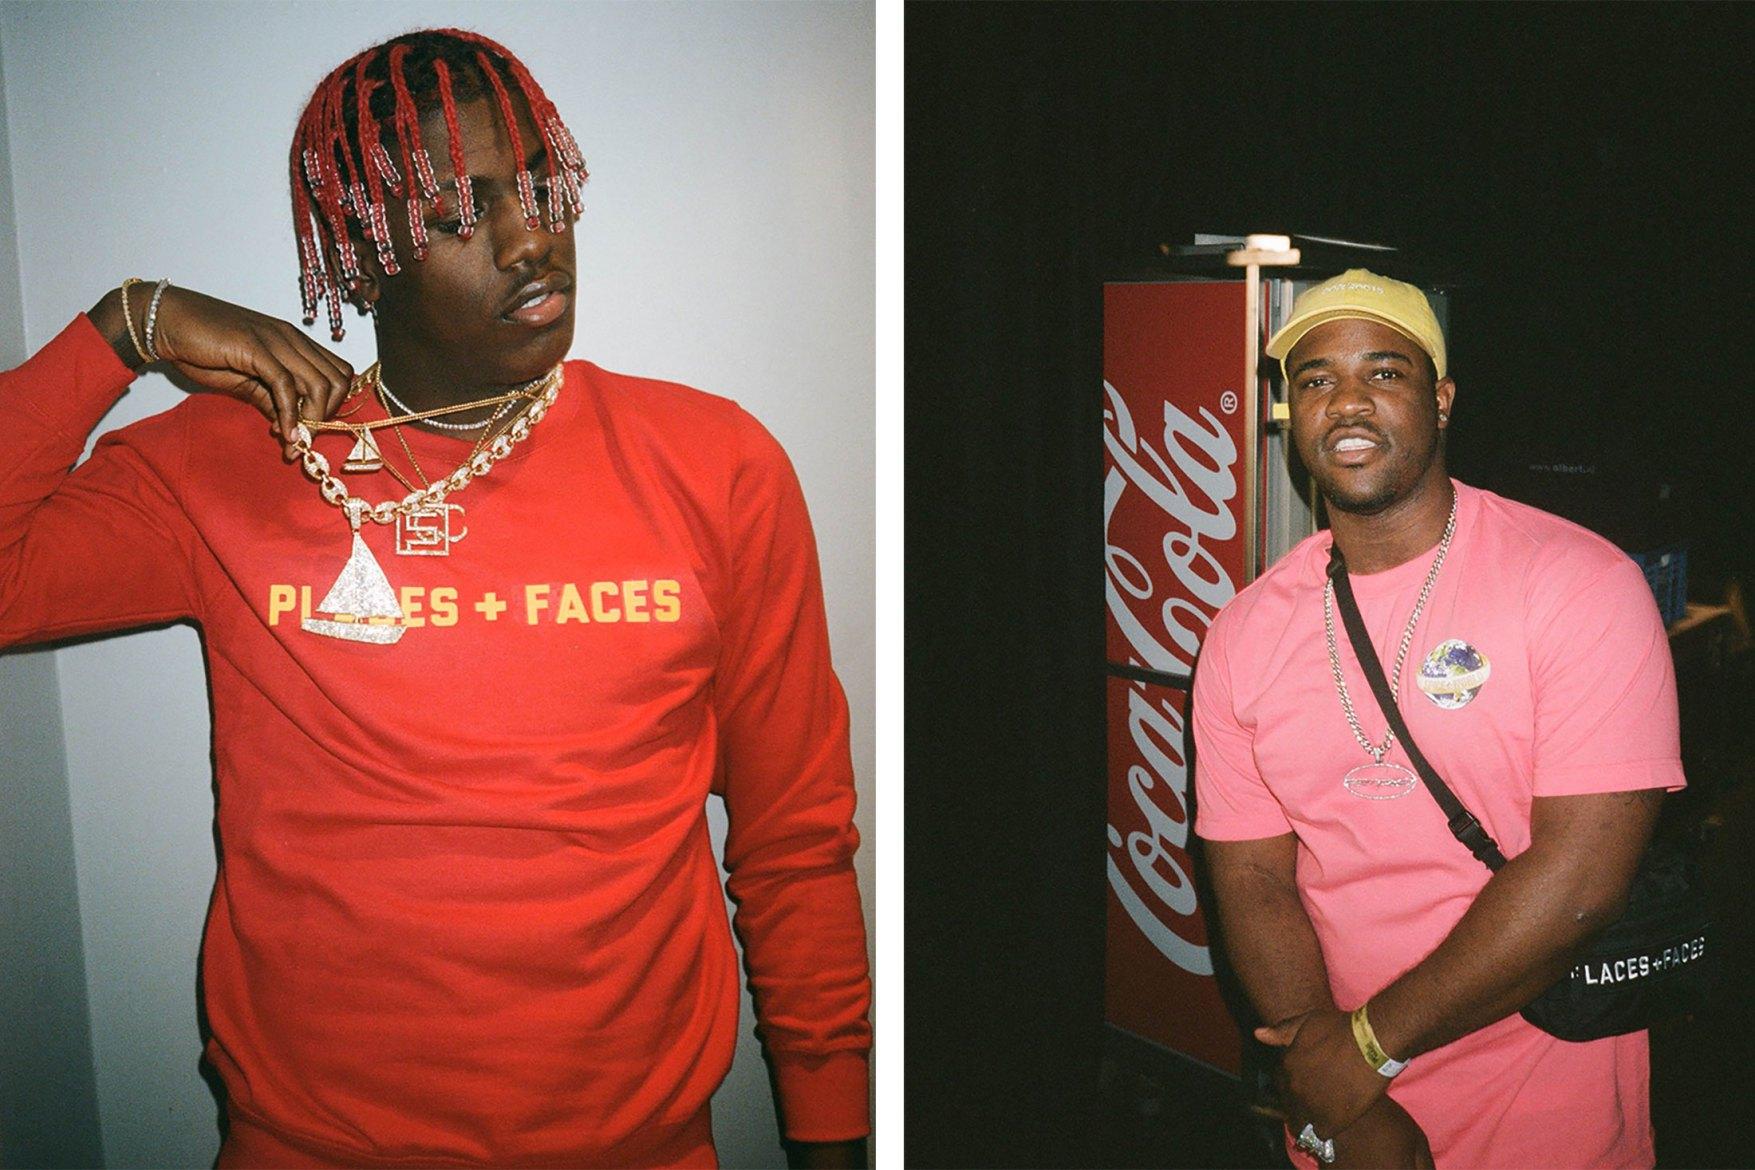 Lil Yatchy et A$AP Ferg introduisent la nouvelle collection Places+Faces